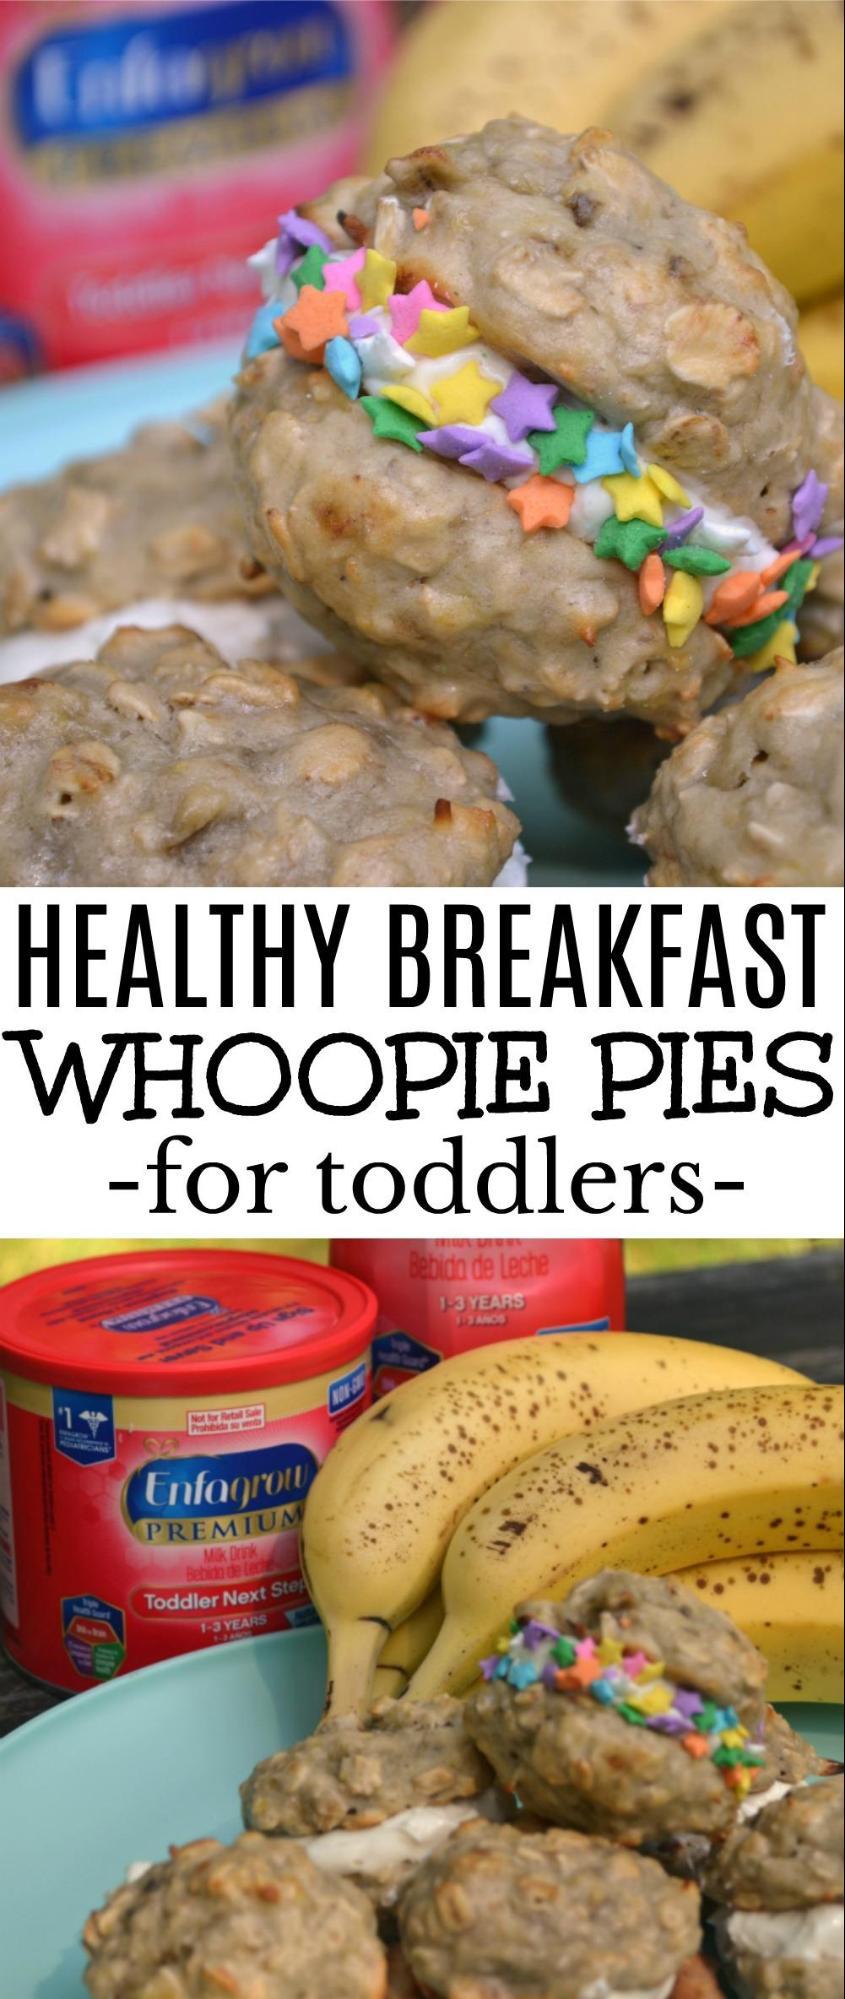 Healthy Breakfast Whoopie Pies / healthy breakfast, toddler breakfast, fun breakfast, toddler food, baby led weaning, fun kid food, kid friendly food